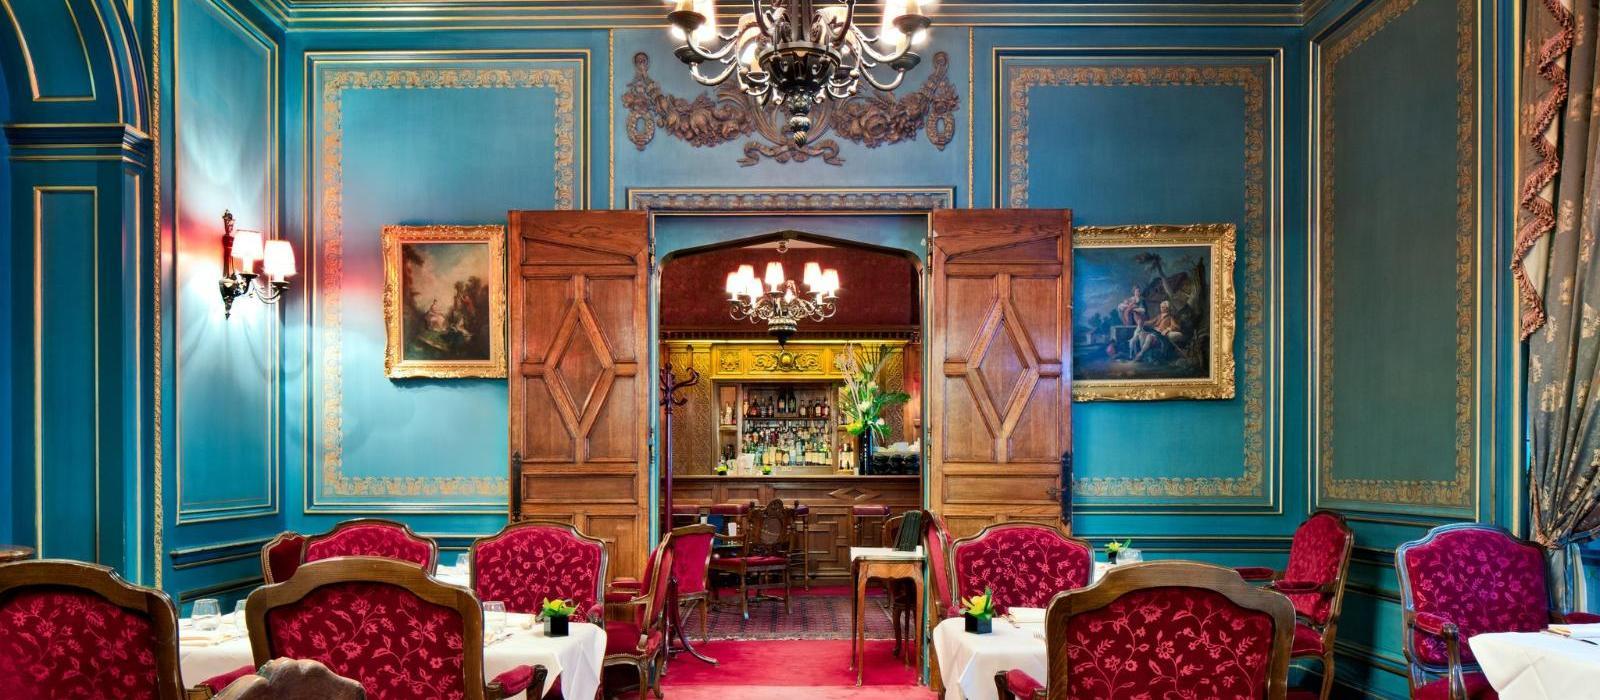 巴黎拉斐尔酒店(Hotel Raphael) 酒廊图片  www.lhw.cn